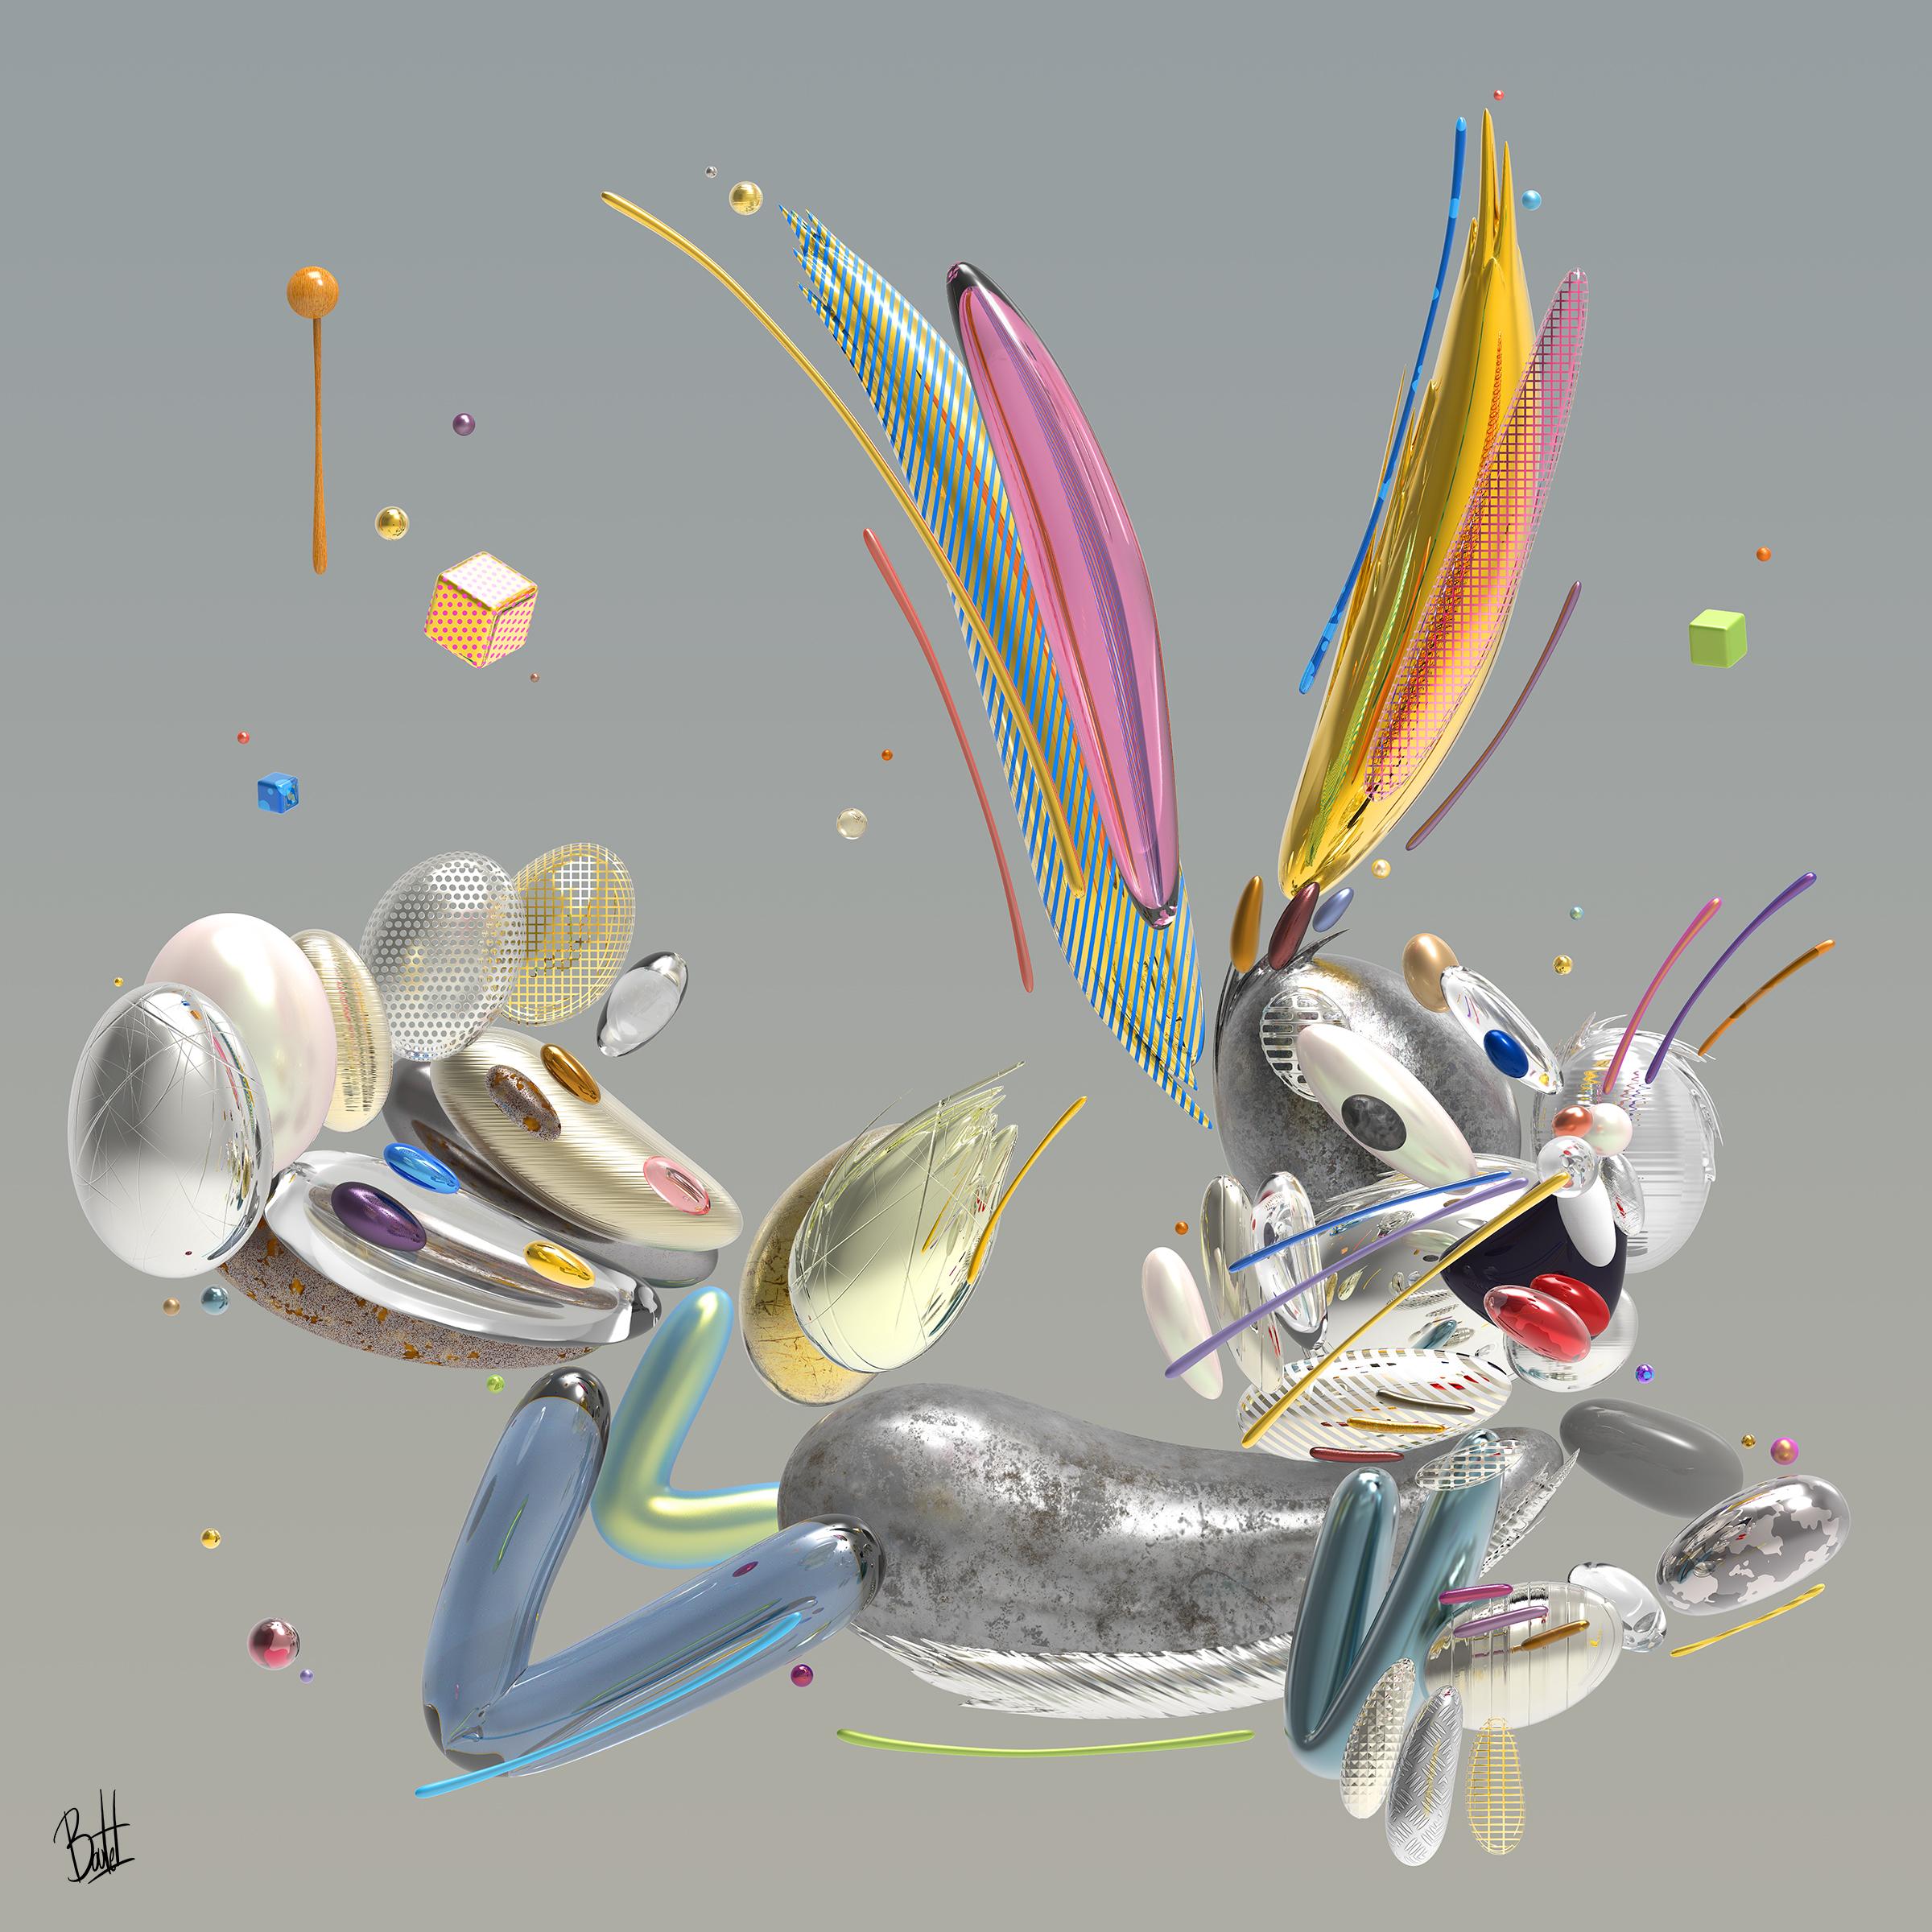 Bugs-bunny-whazzzzzzuup-48x48